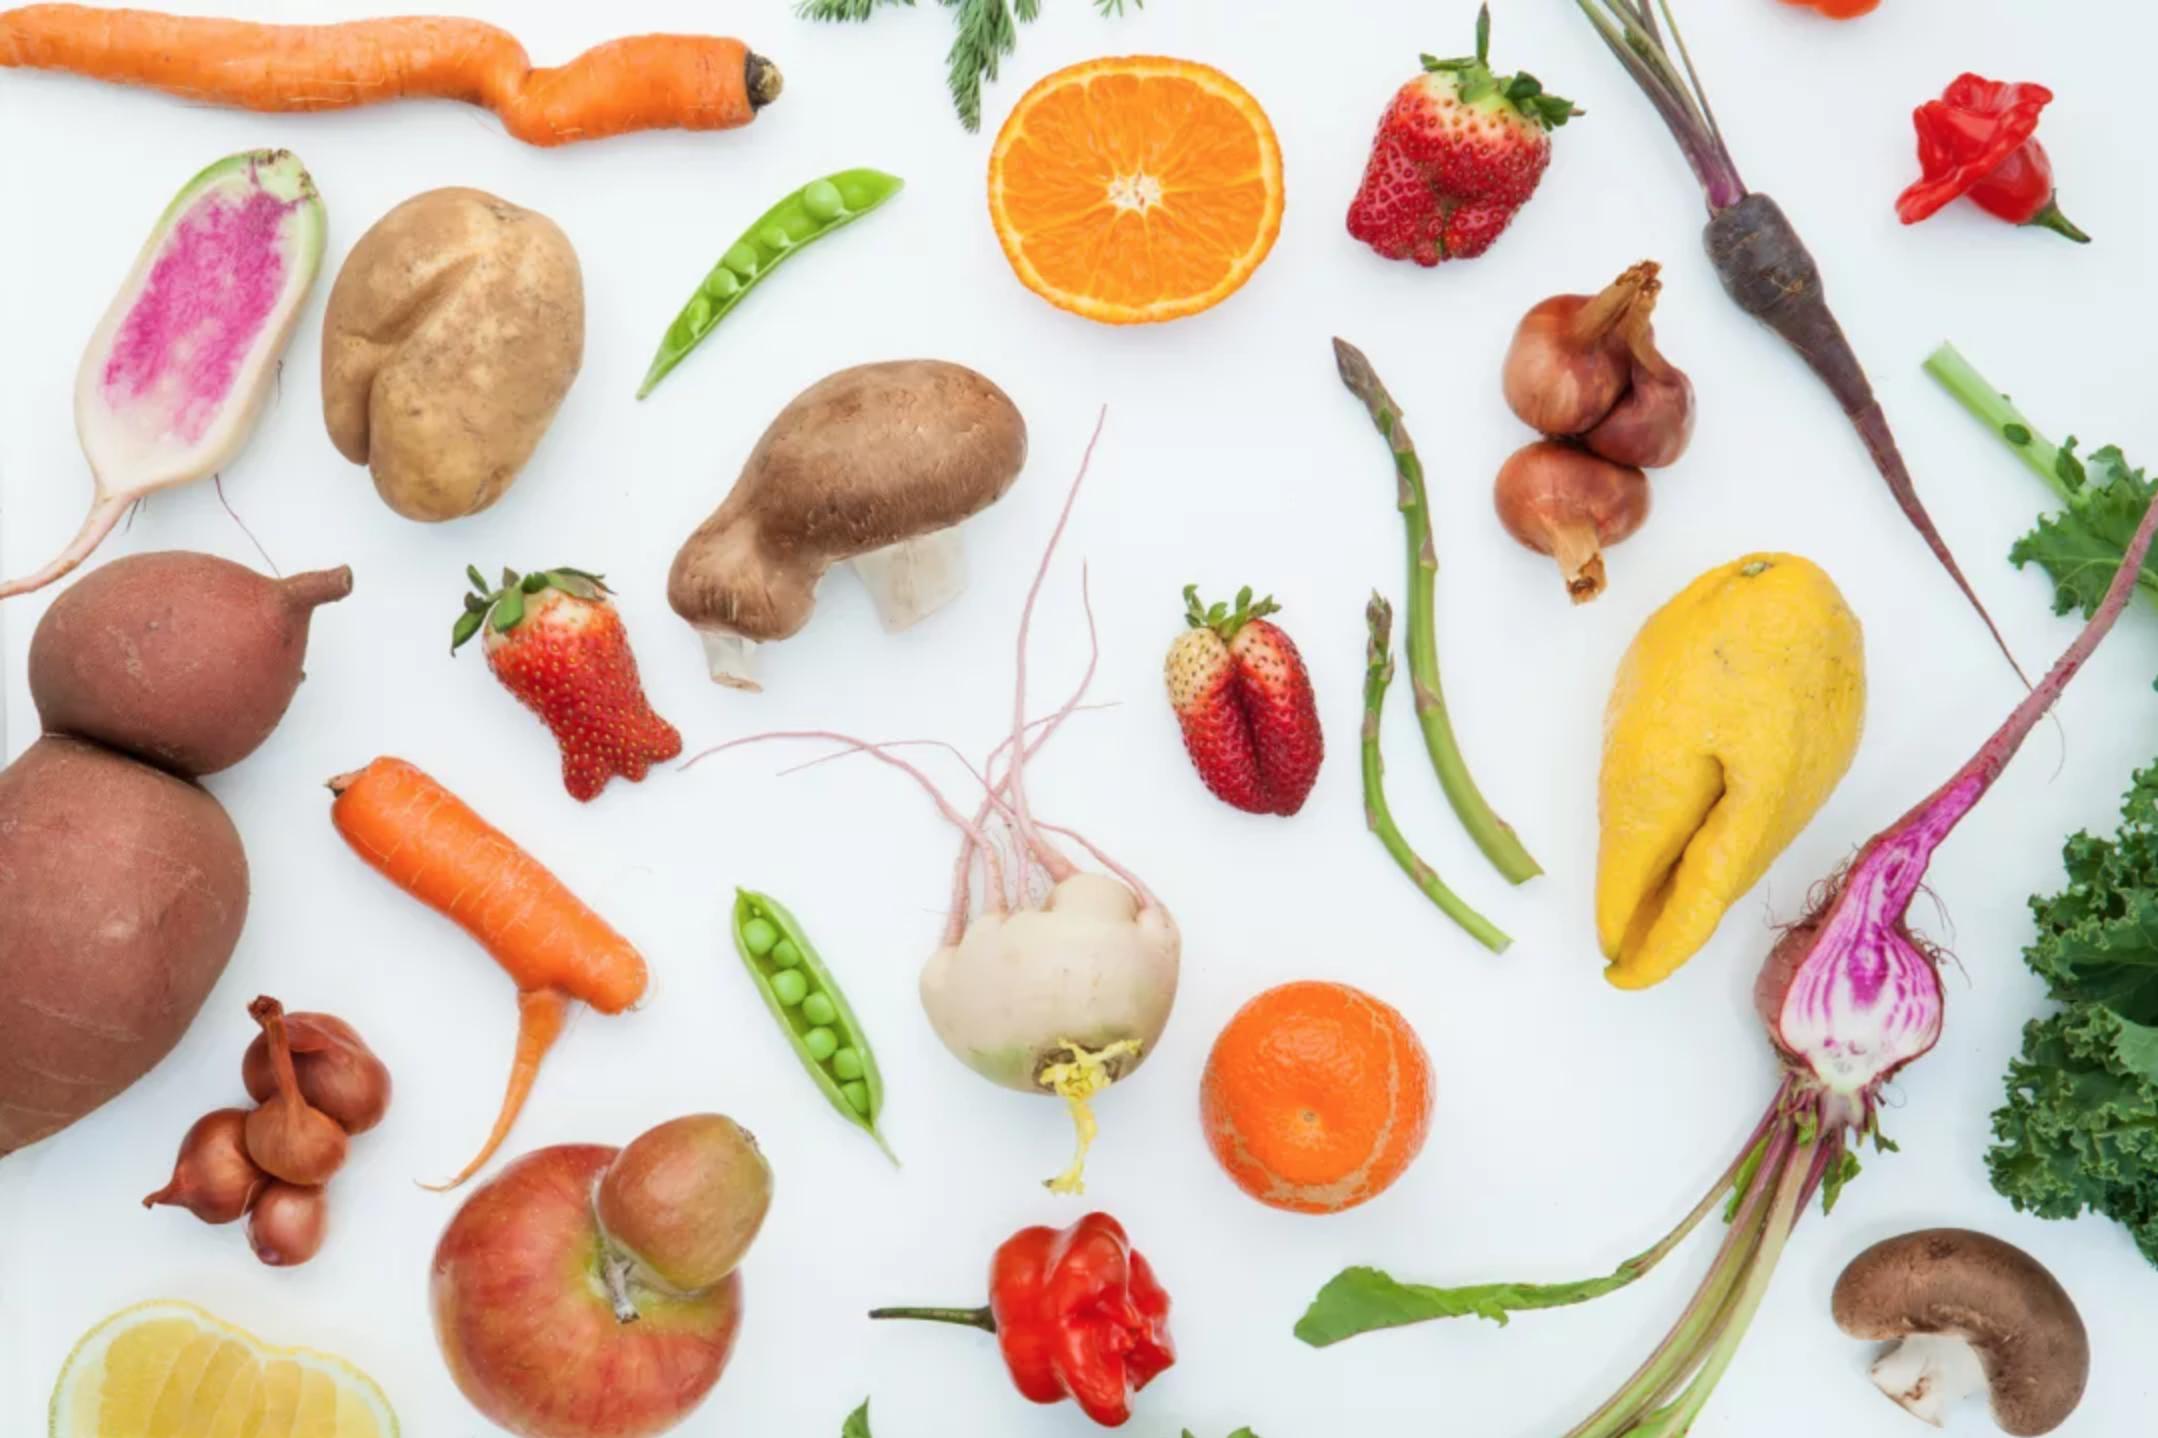 ugly-fruit-based-zero-waste-business-models